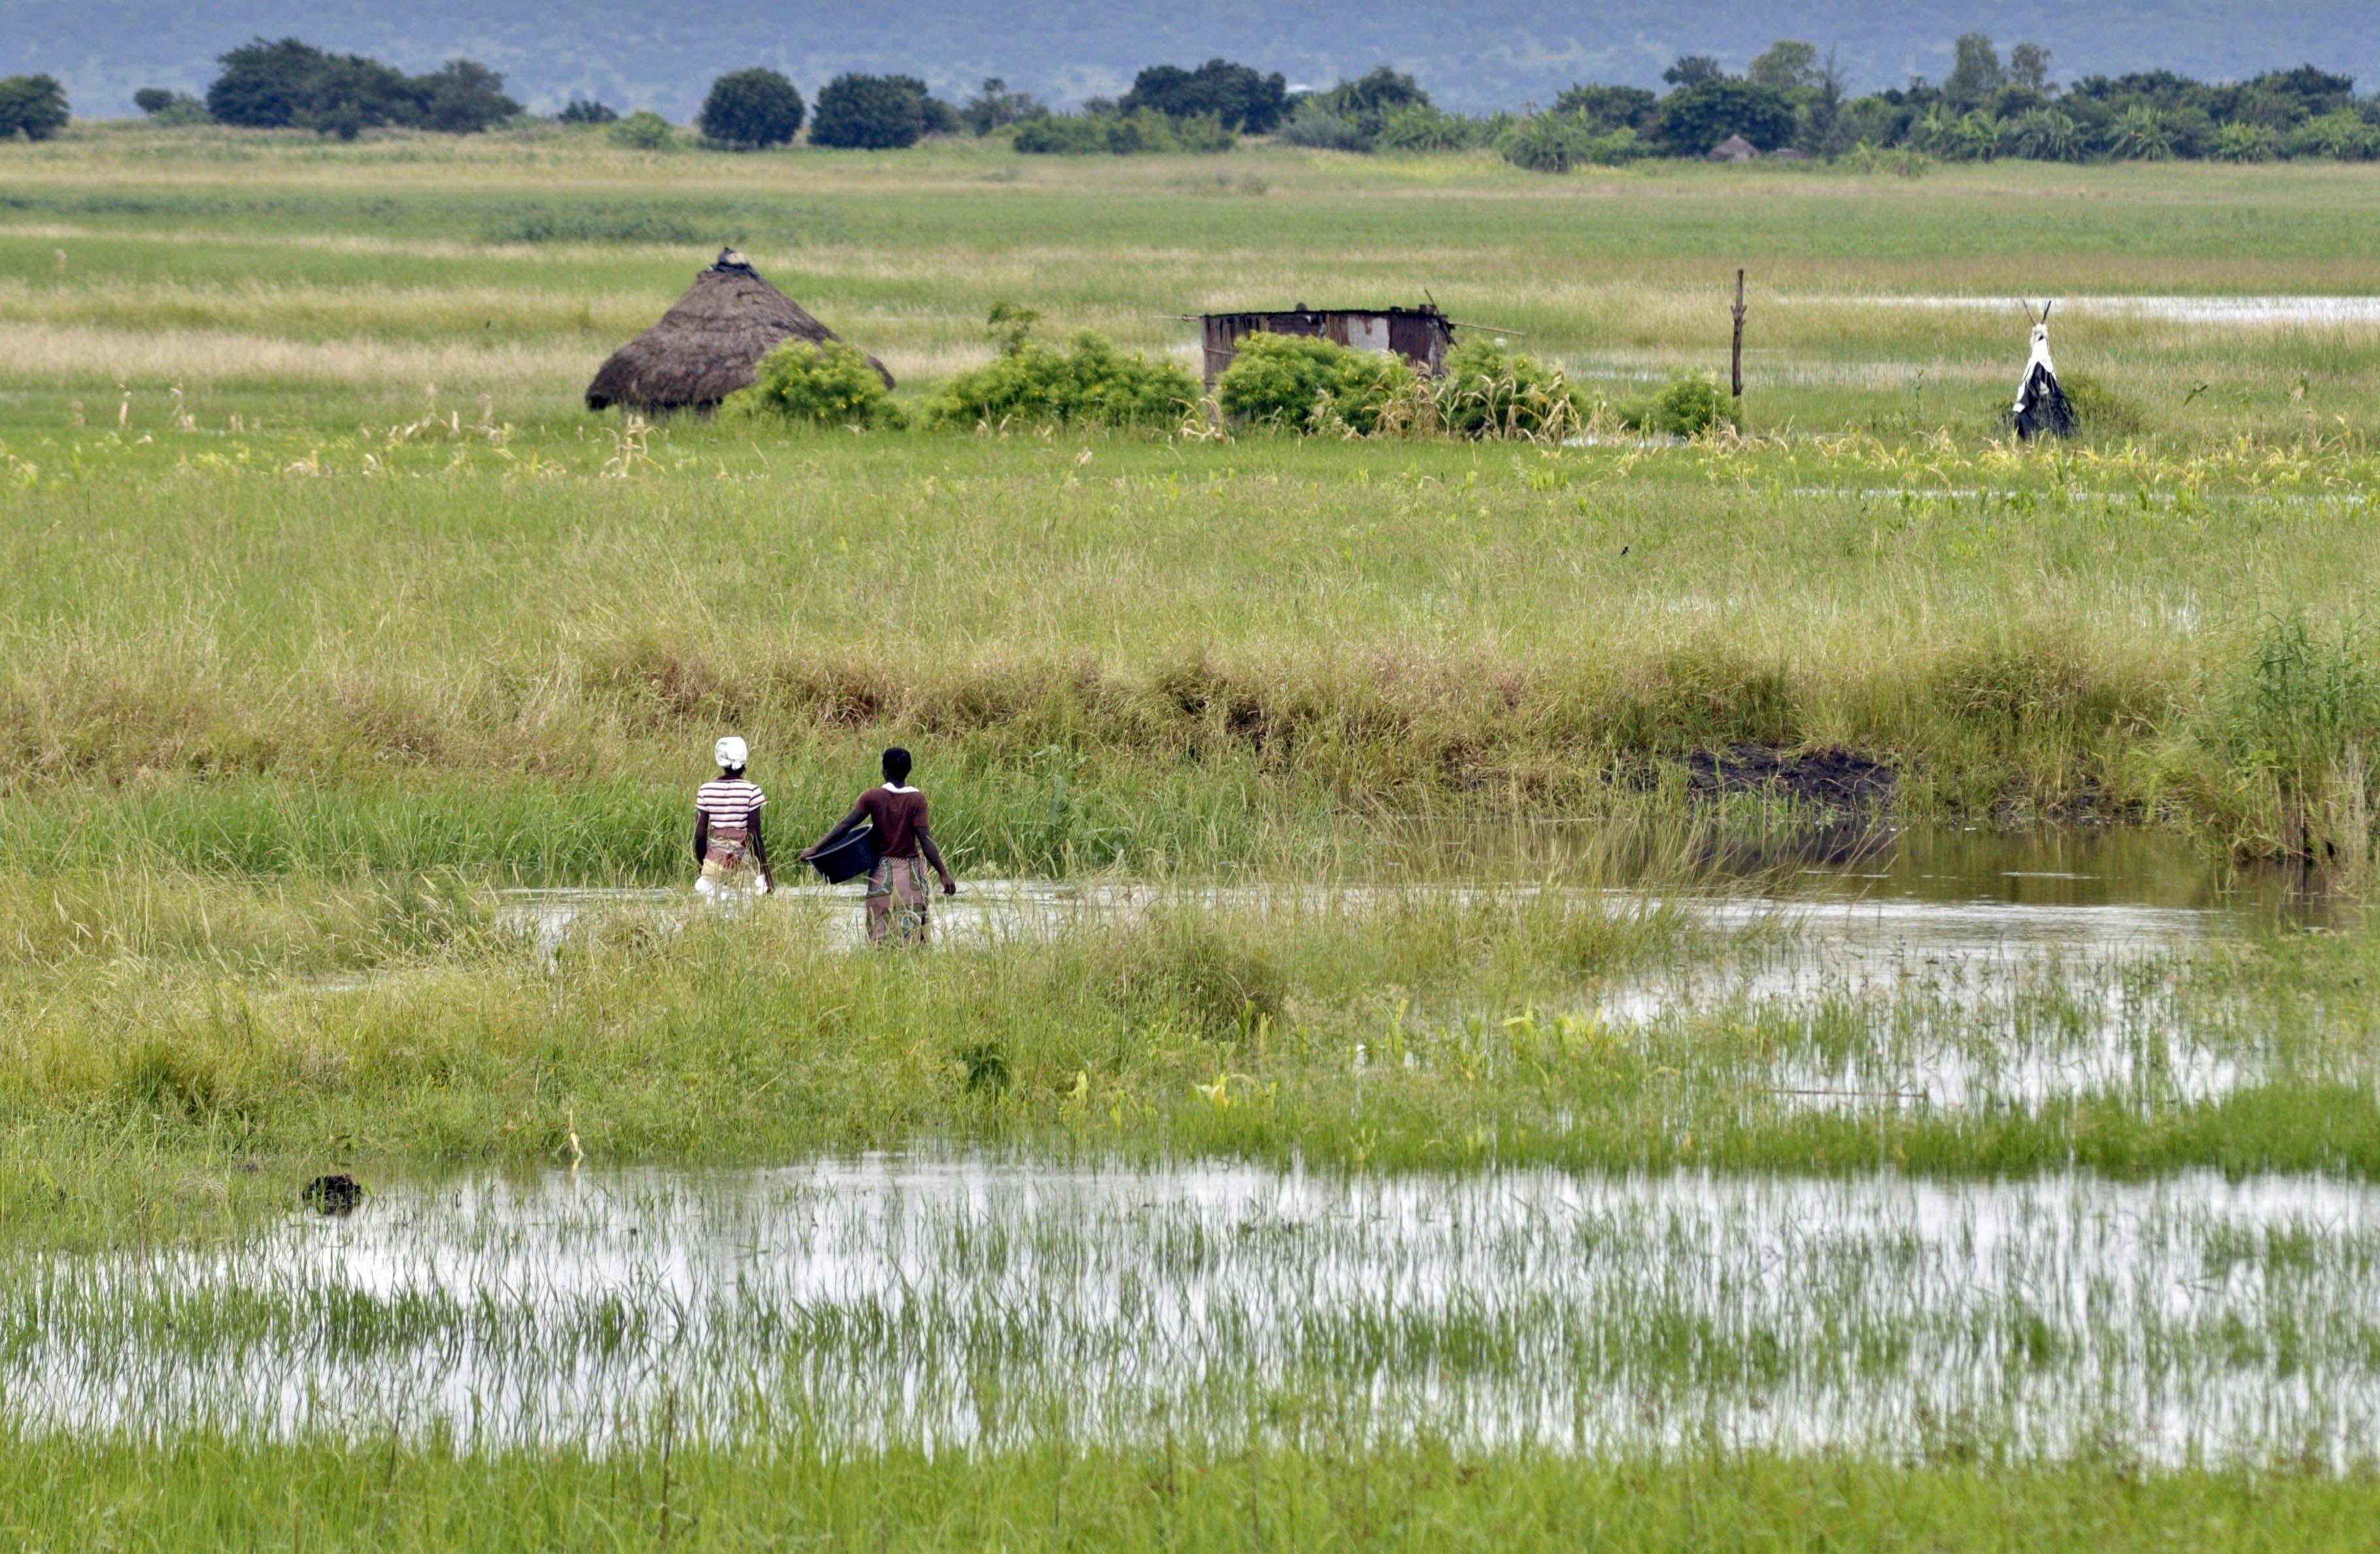 Cheias e ciclones vão afetar 1,5 milhões de pessoas em Moçambique, estima Governo